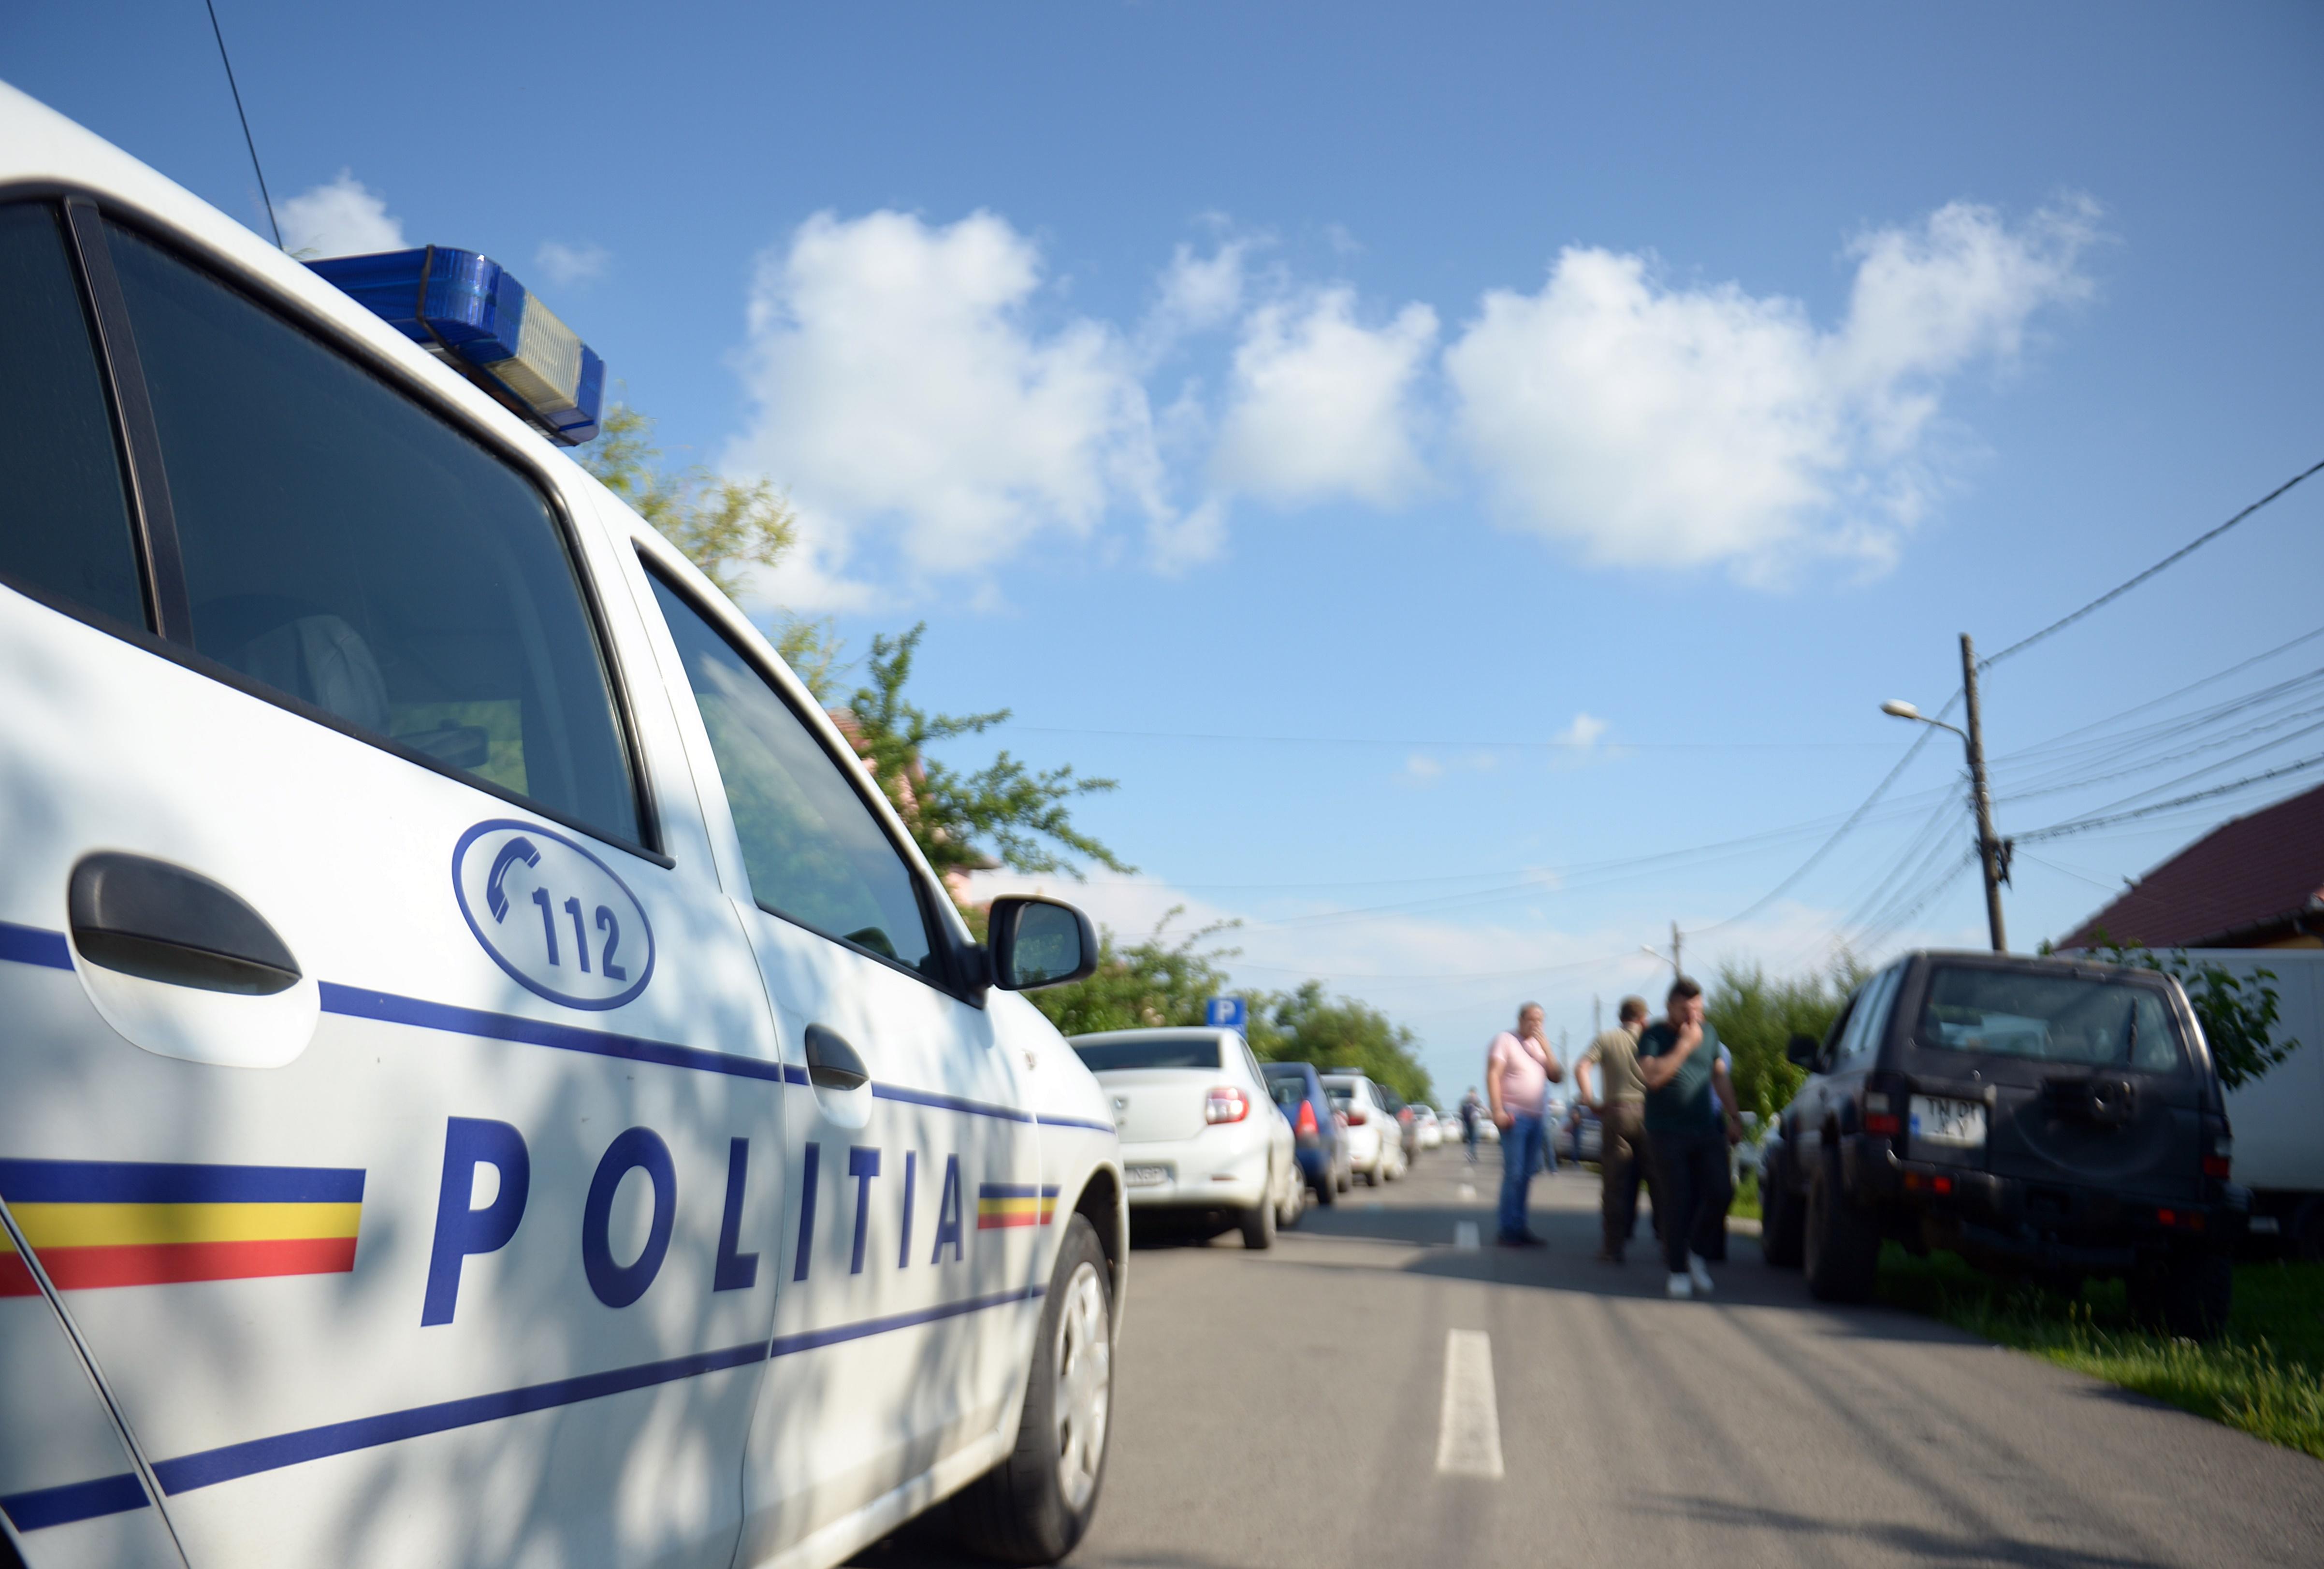 Moarte suspectă: un bărbat a fost găsit împuşcat, în propria curte